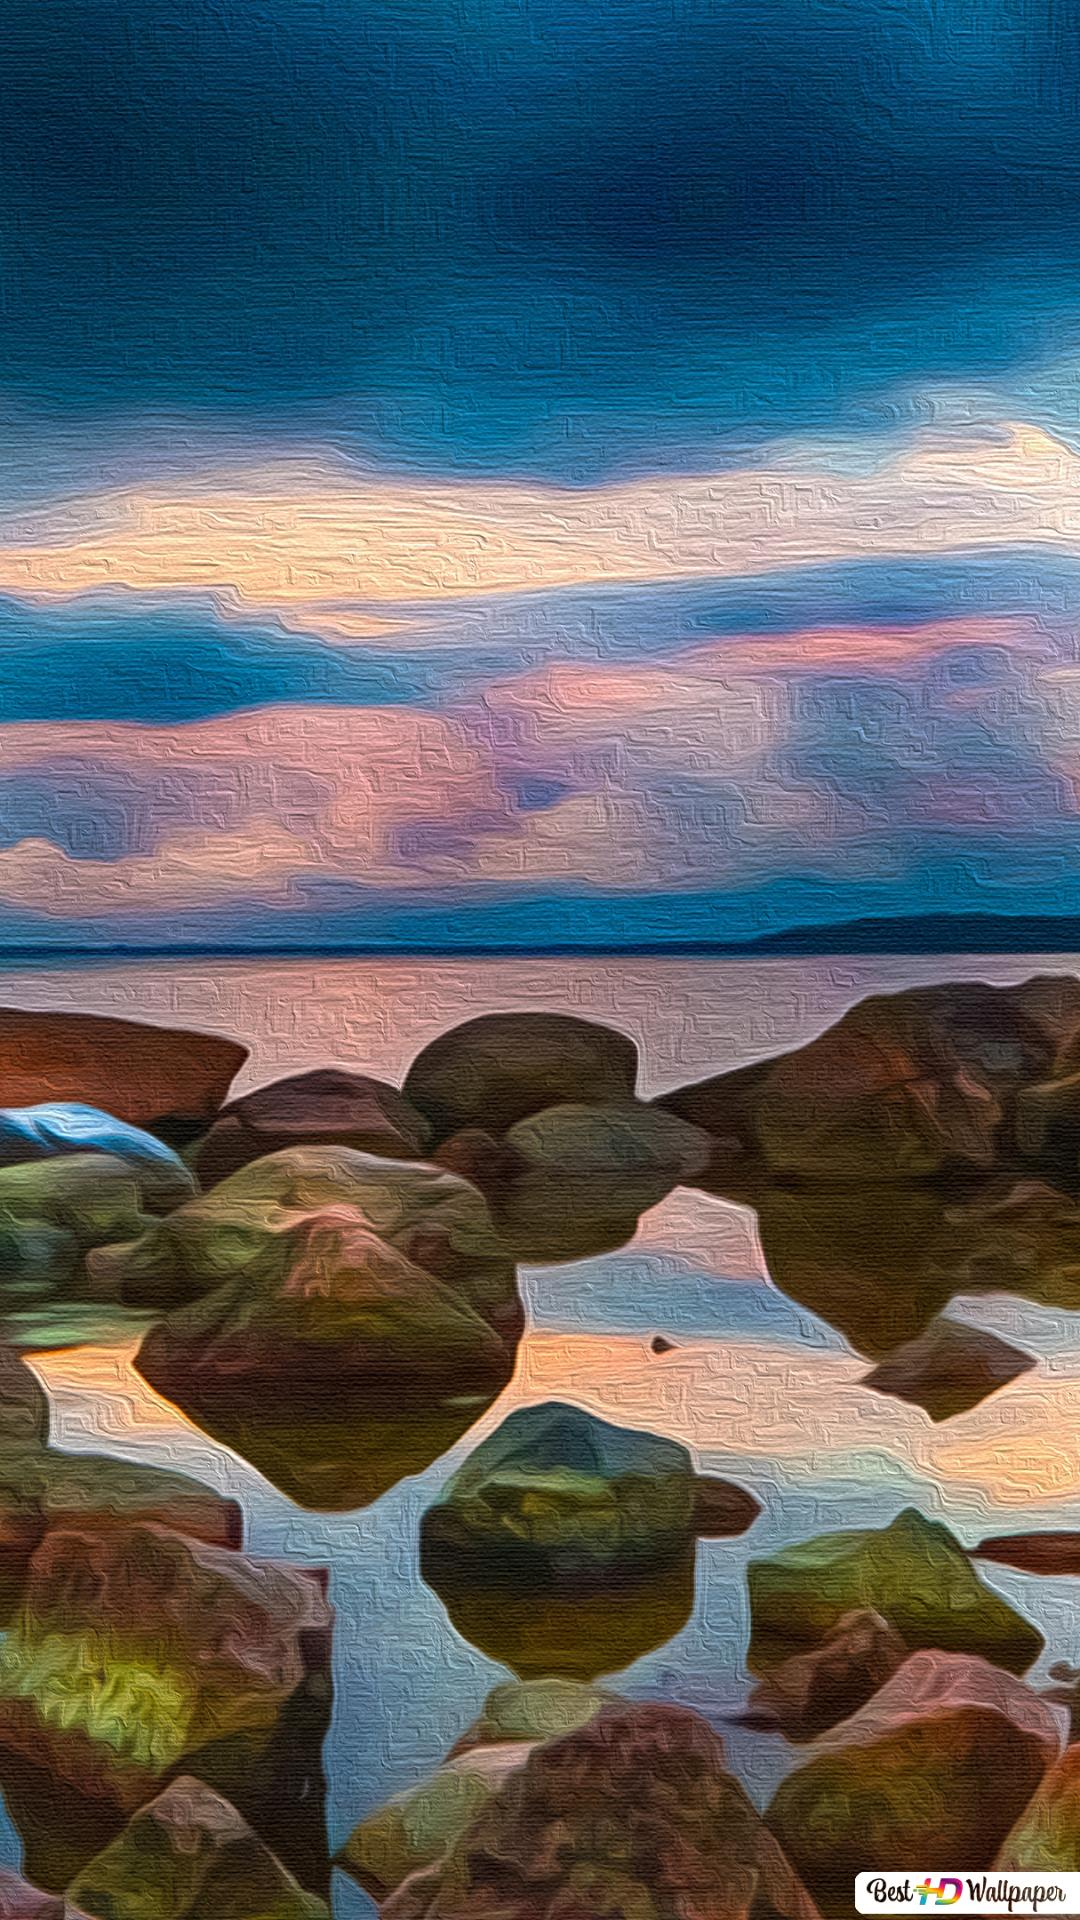 海岸にある岩の芸術の絵画 Hd壁紙のダウンロード